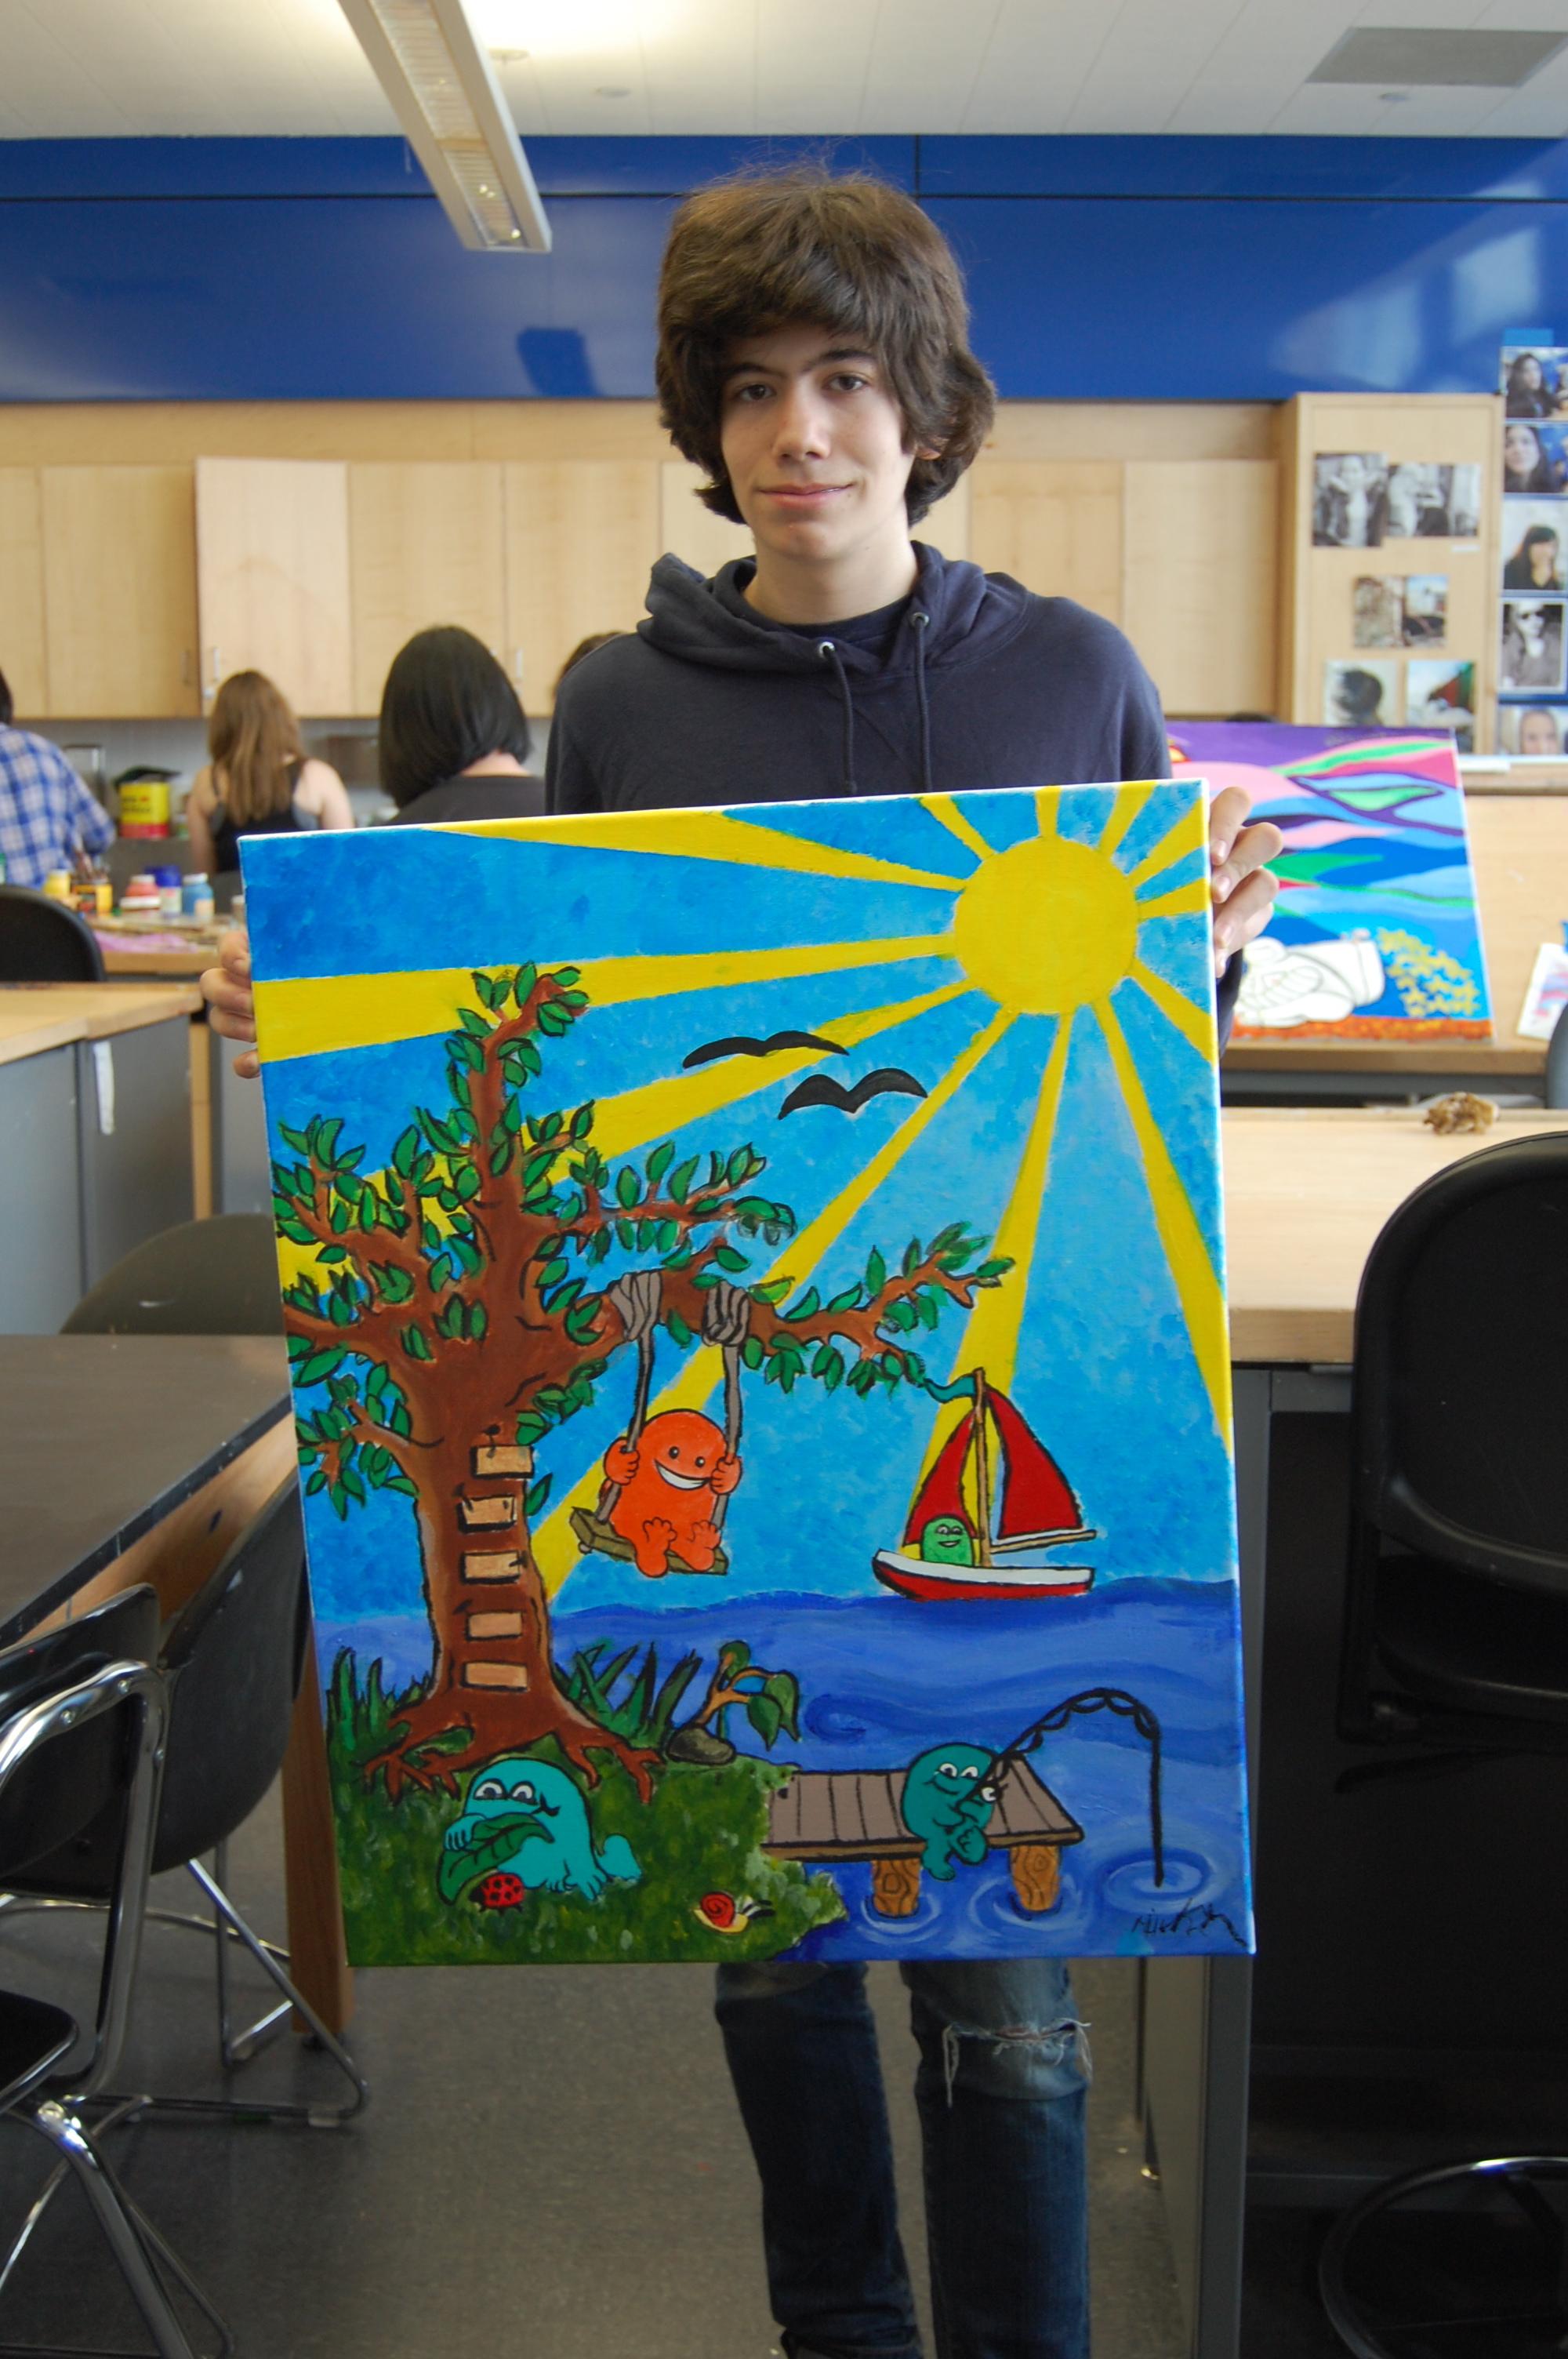 Milo w painting.jpg